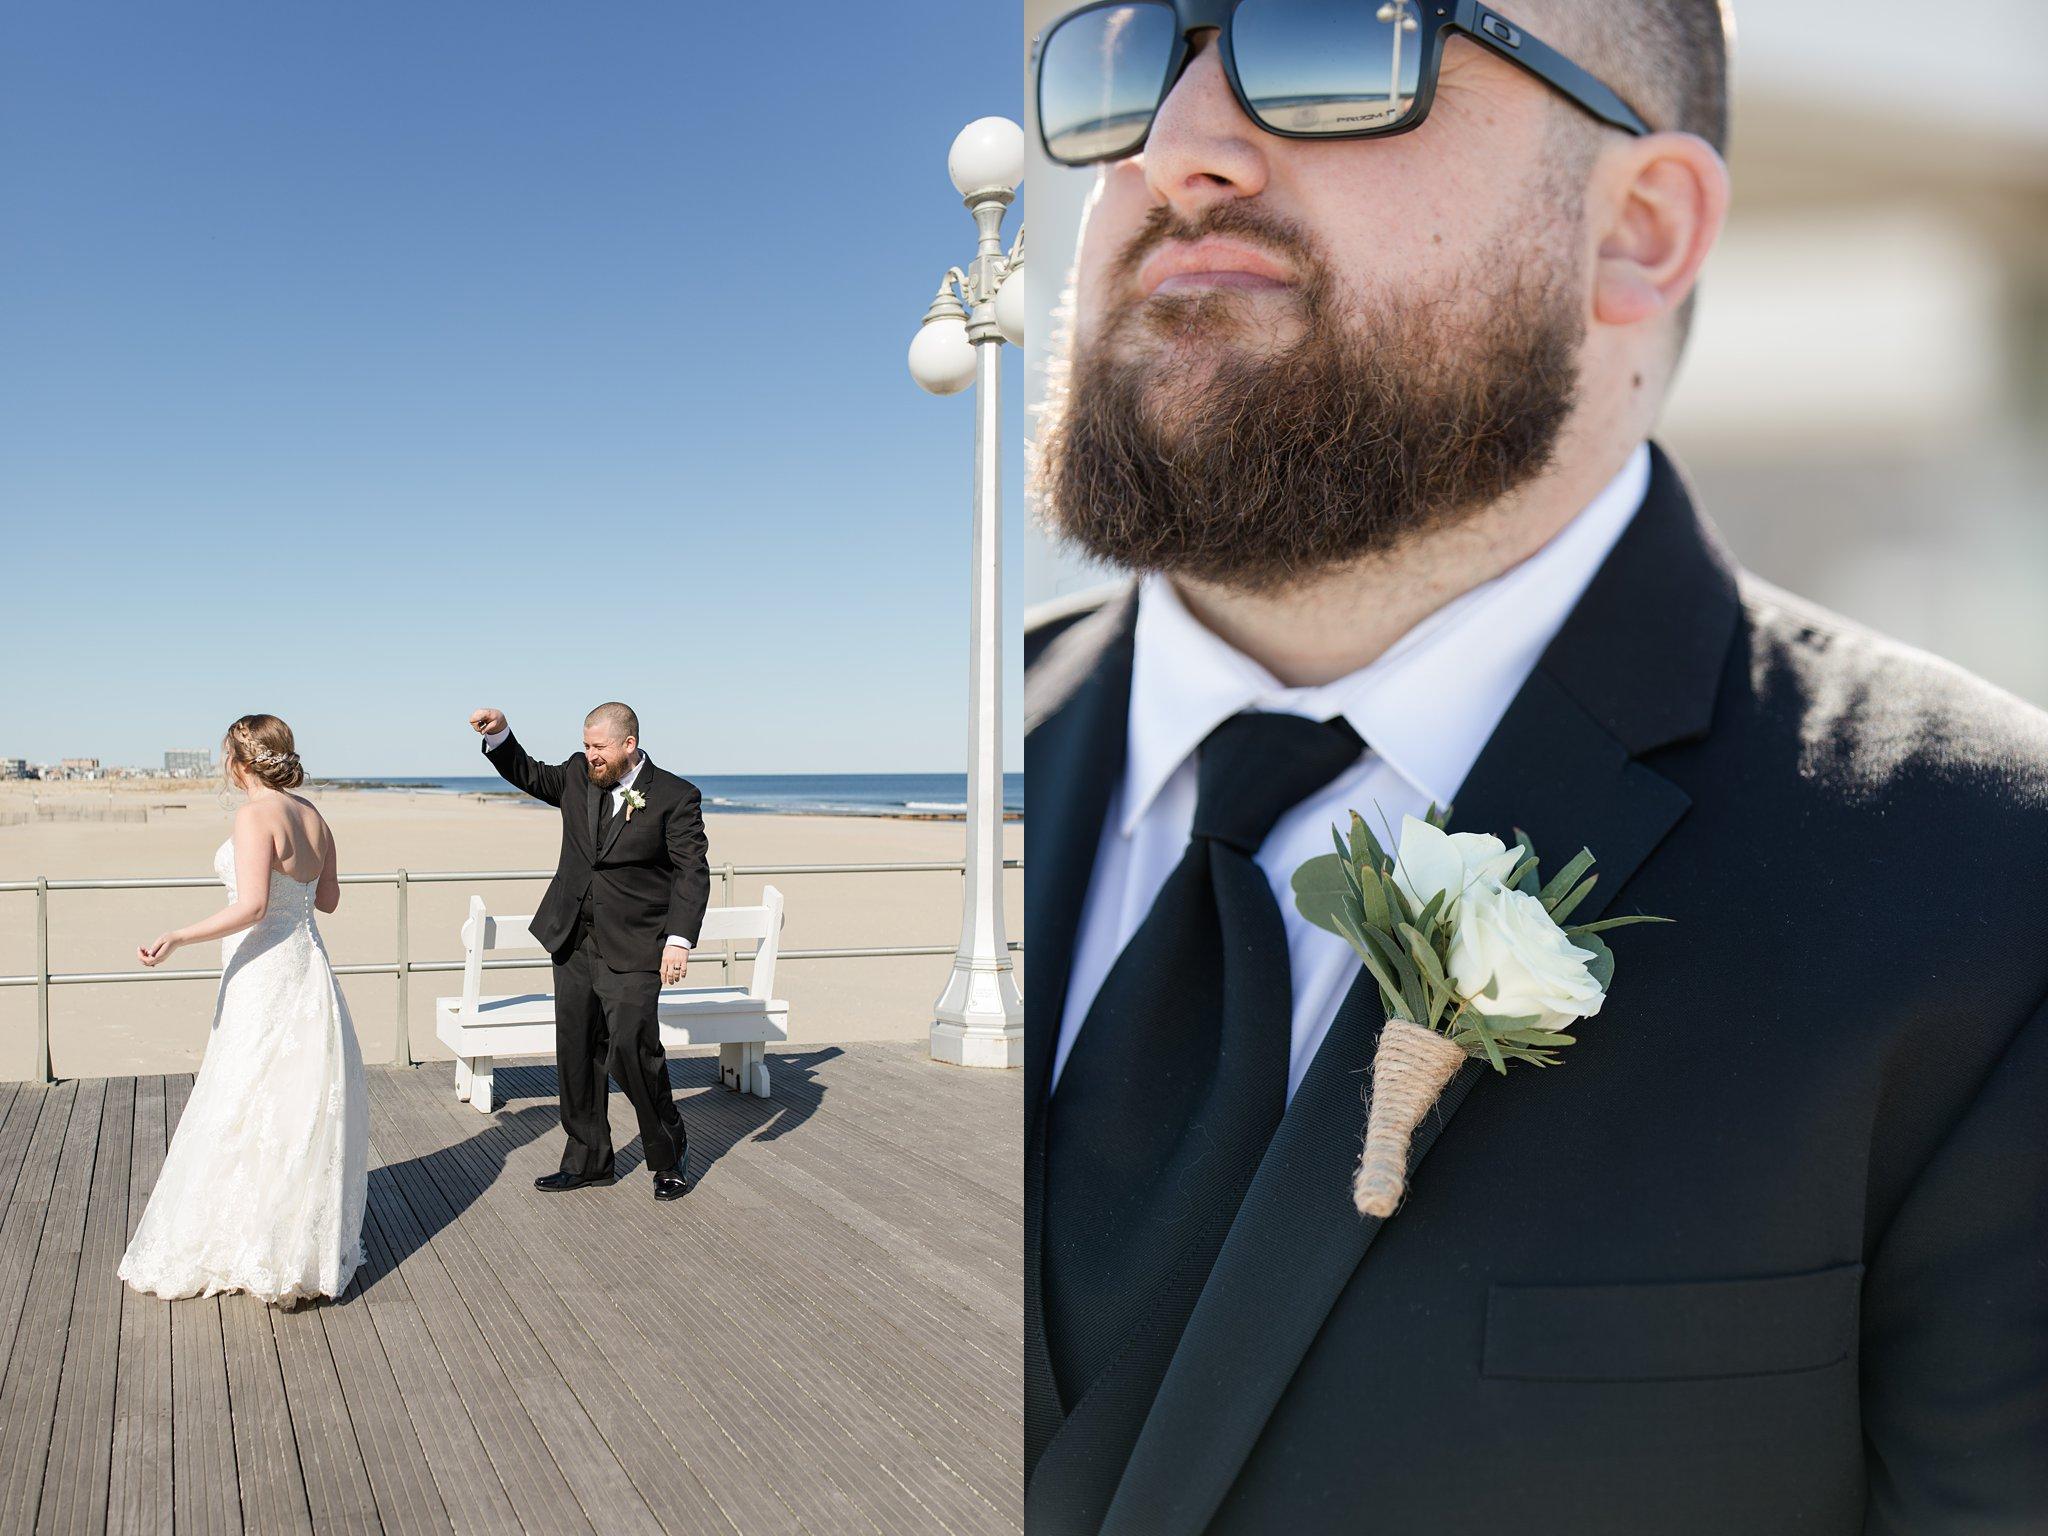 Wedding Photographer Asbury Park Boardwalk